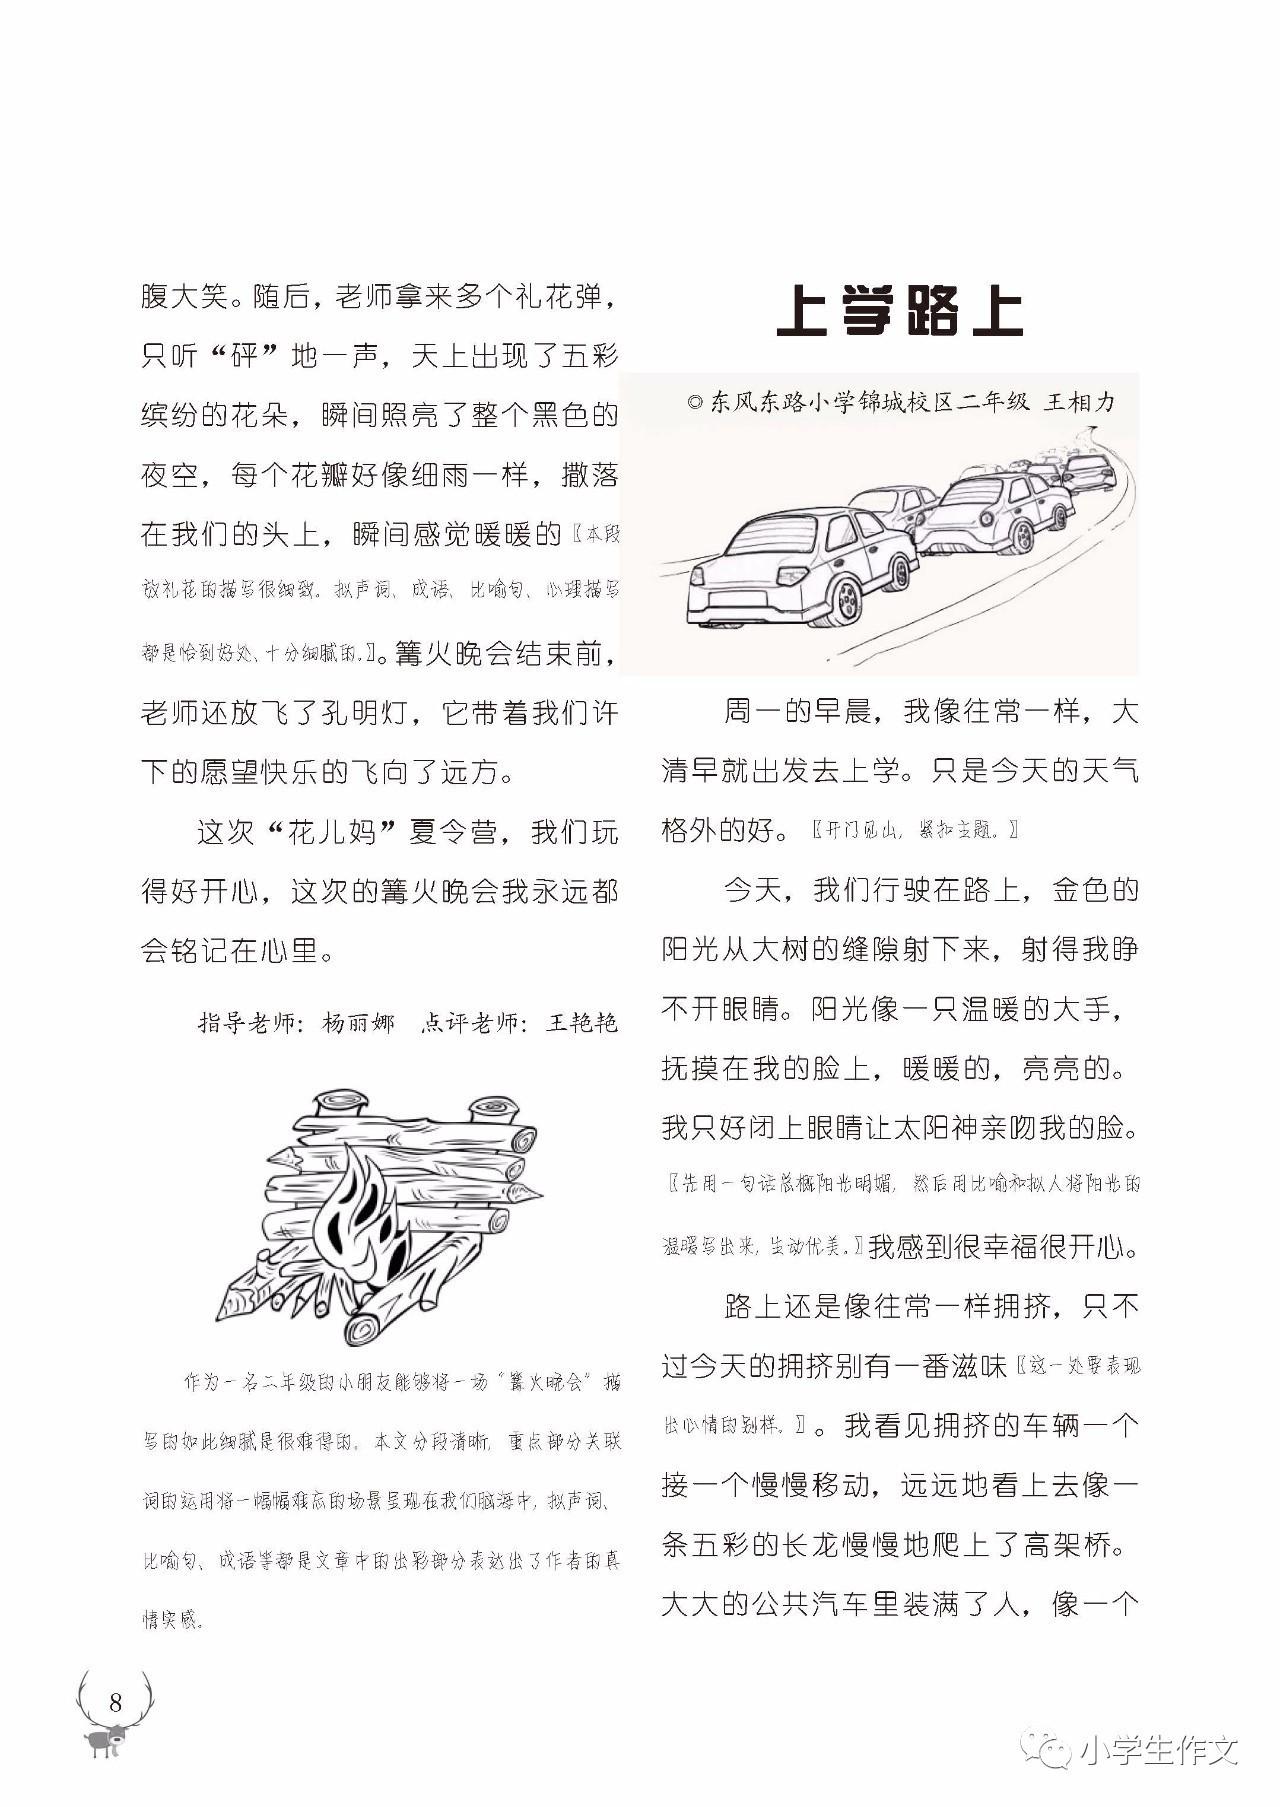 【免费领】新年小学:杂志作文礼物创刊号+新年小学德文图片